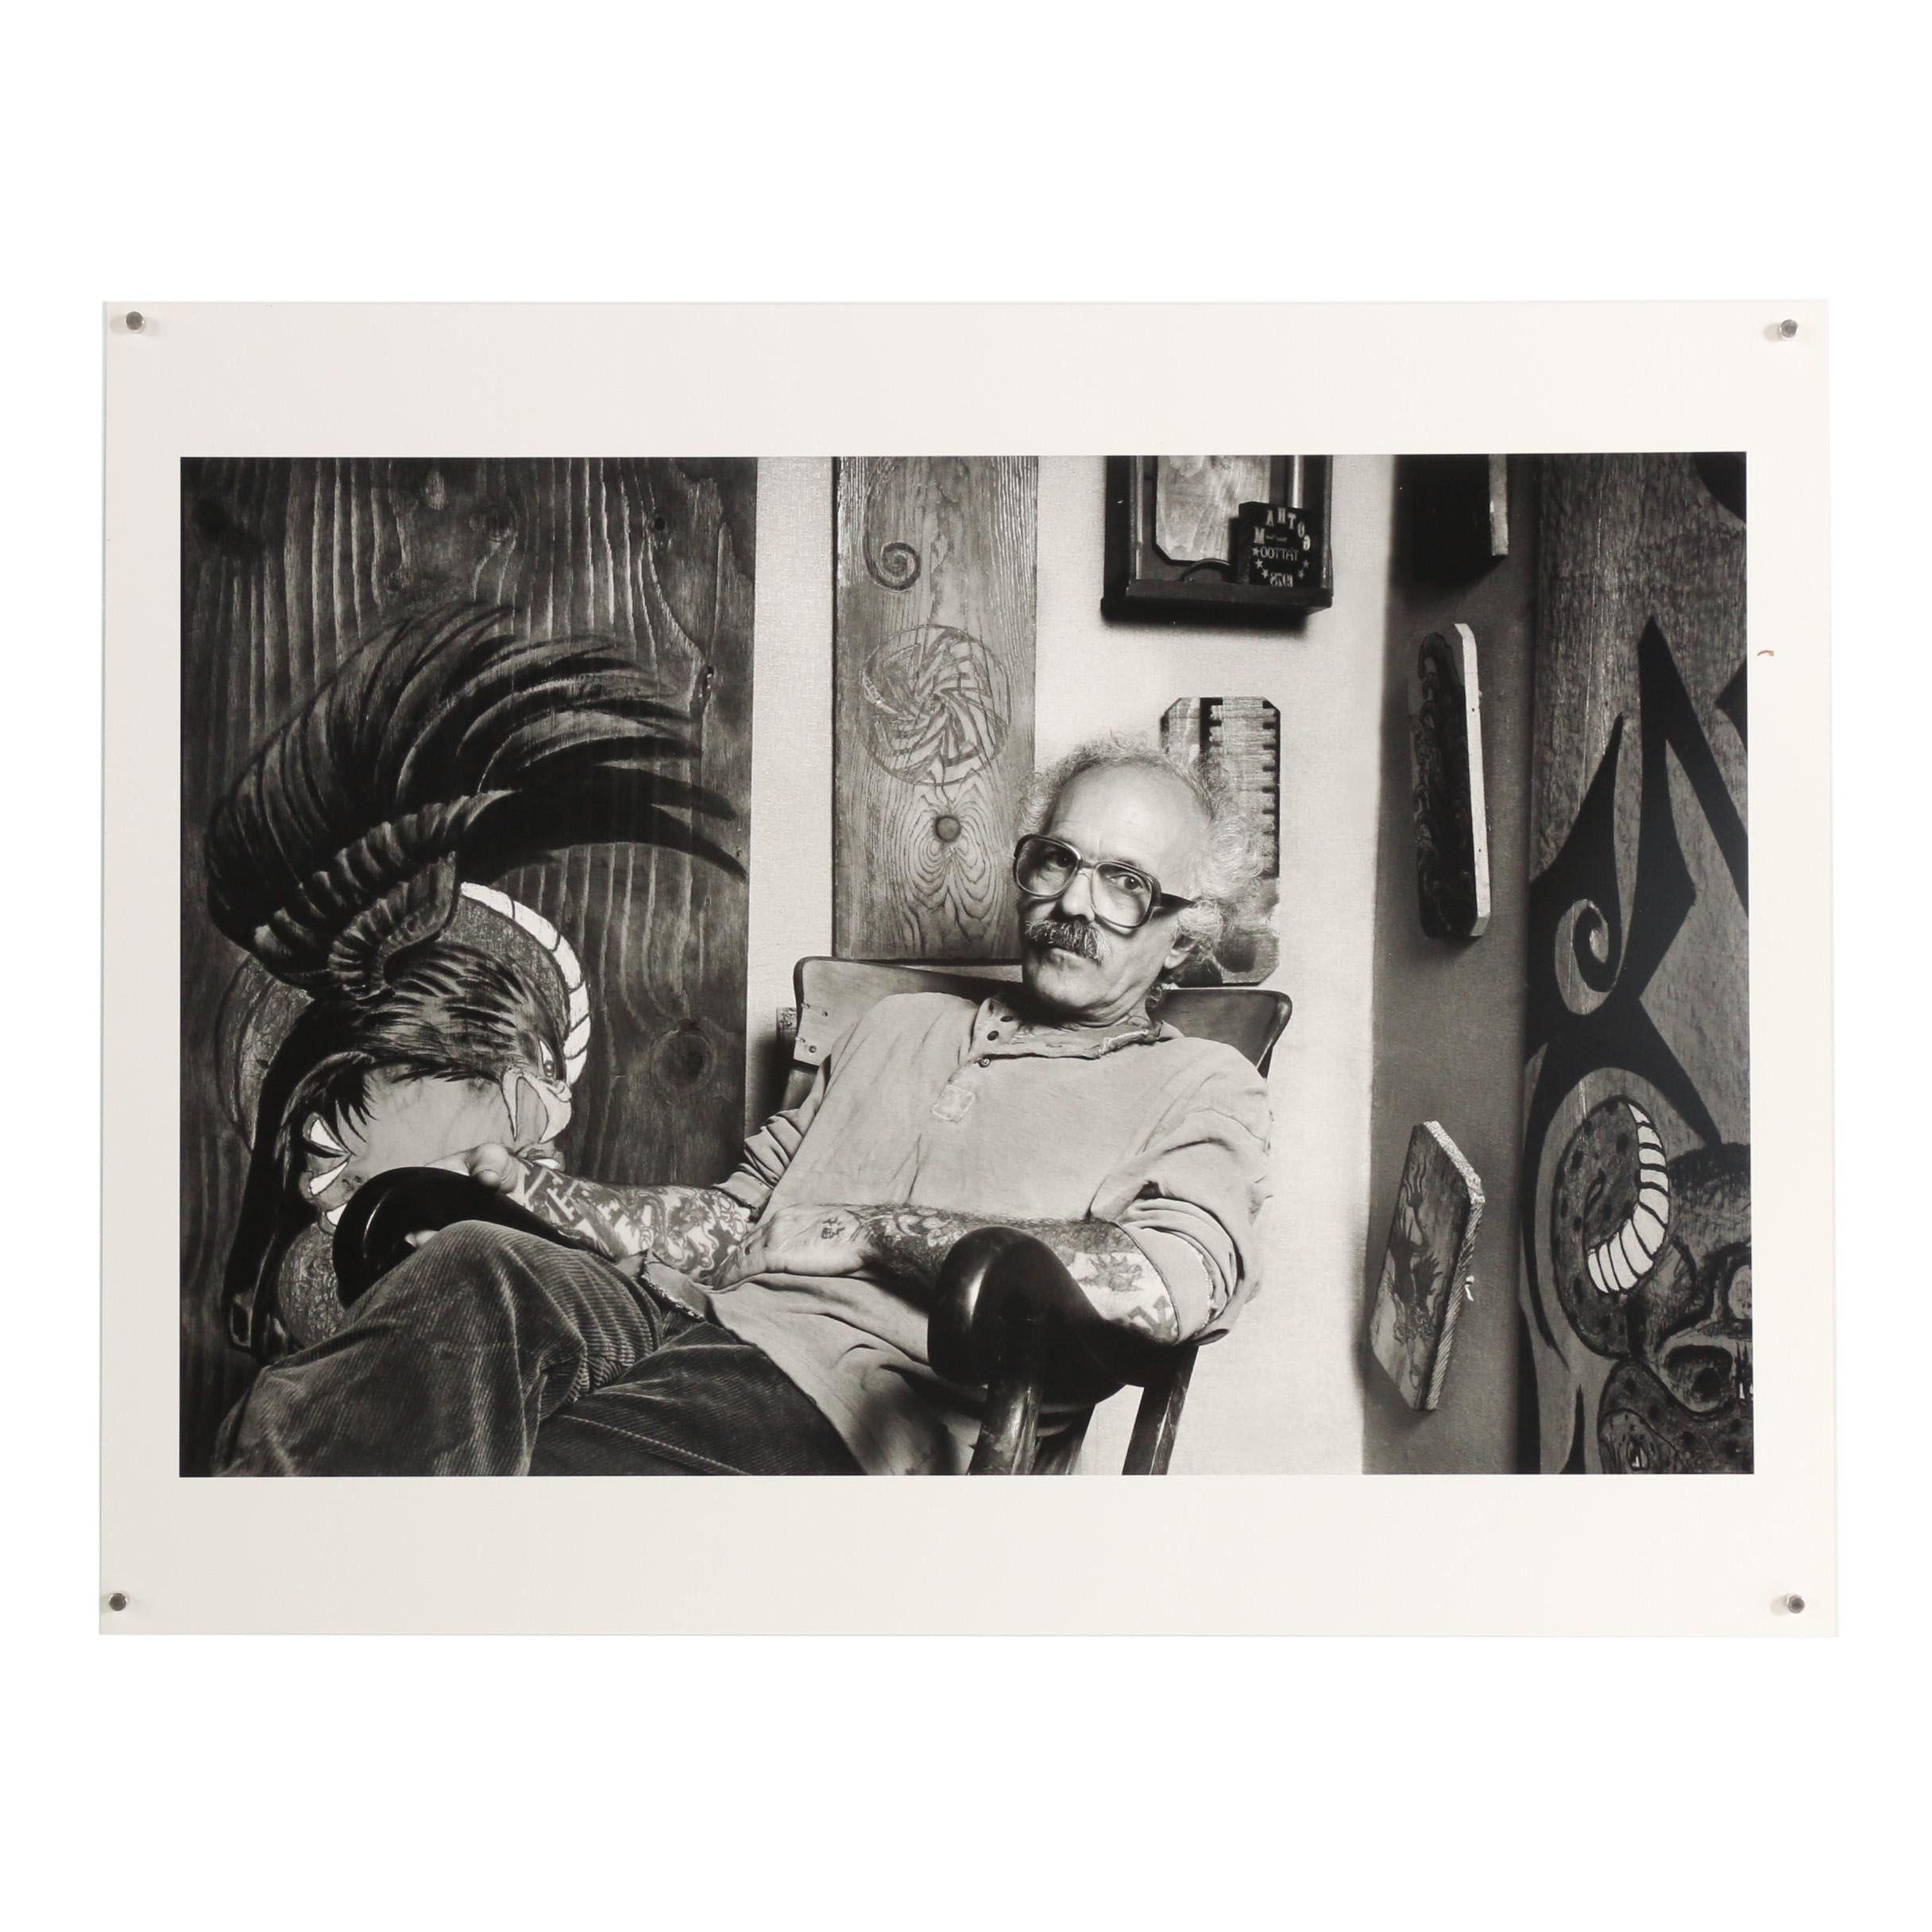 """John Wyatt Archival Inkjet Print """"Thom deVita, Tattoo Artist - 1995"""""""